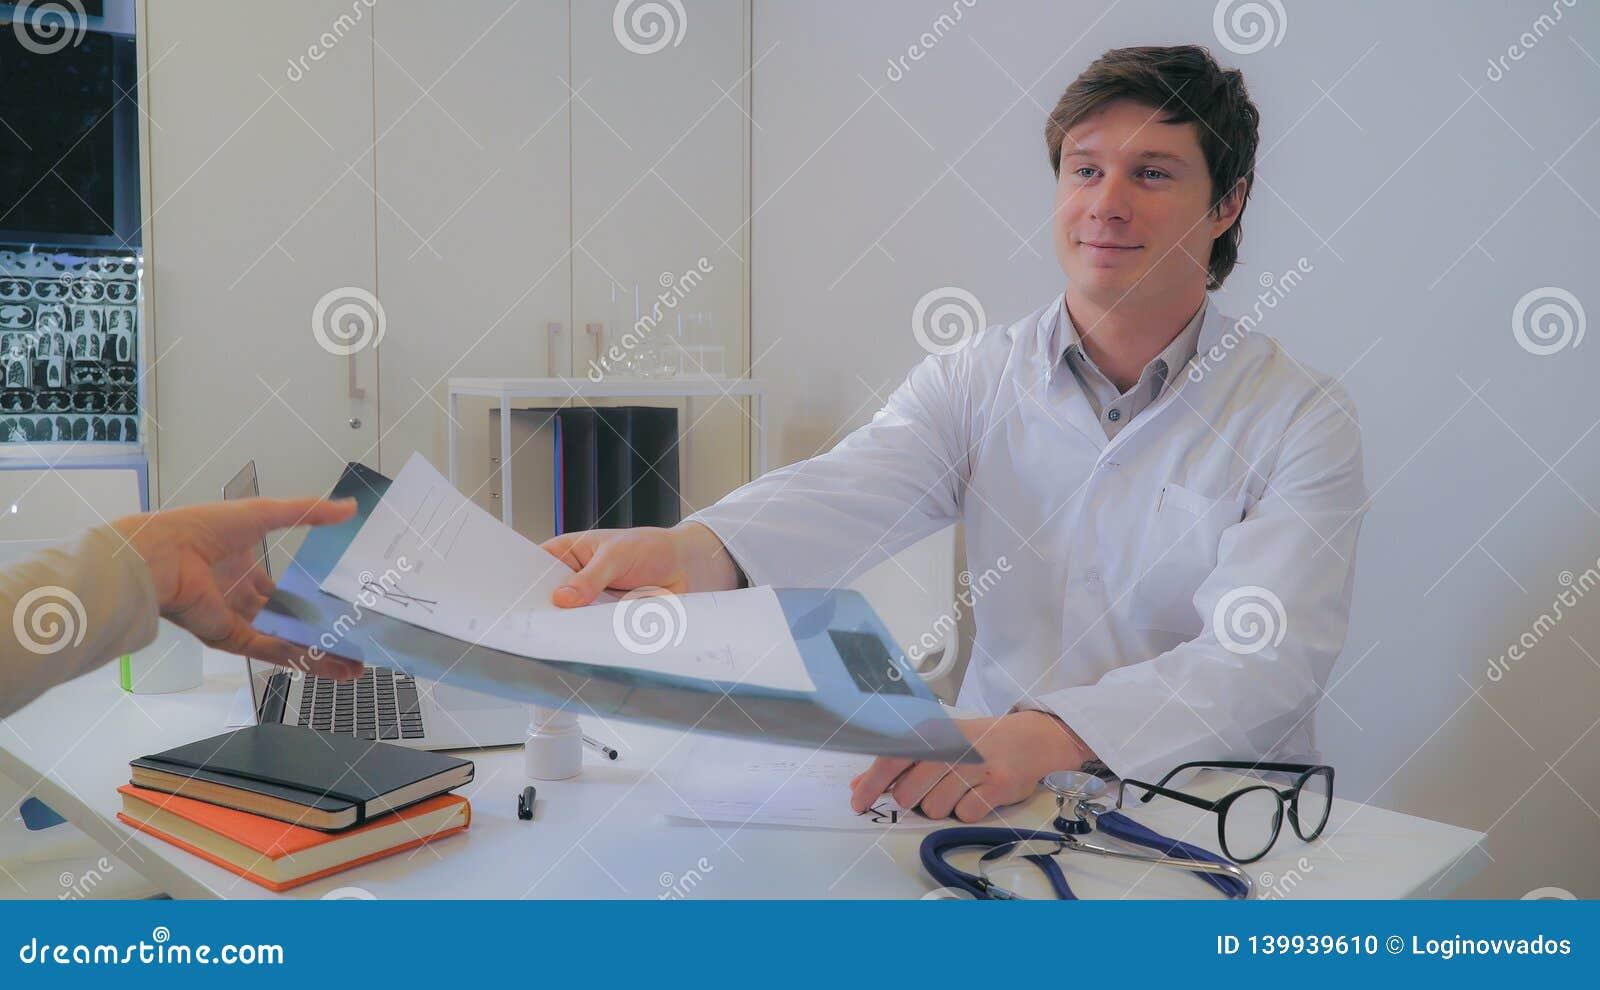 Pulmonologist in hospital.